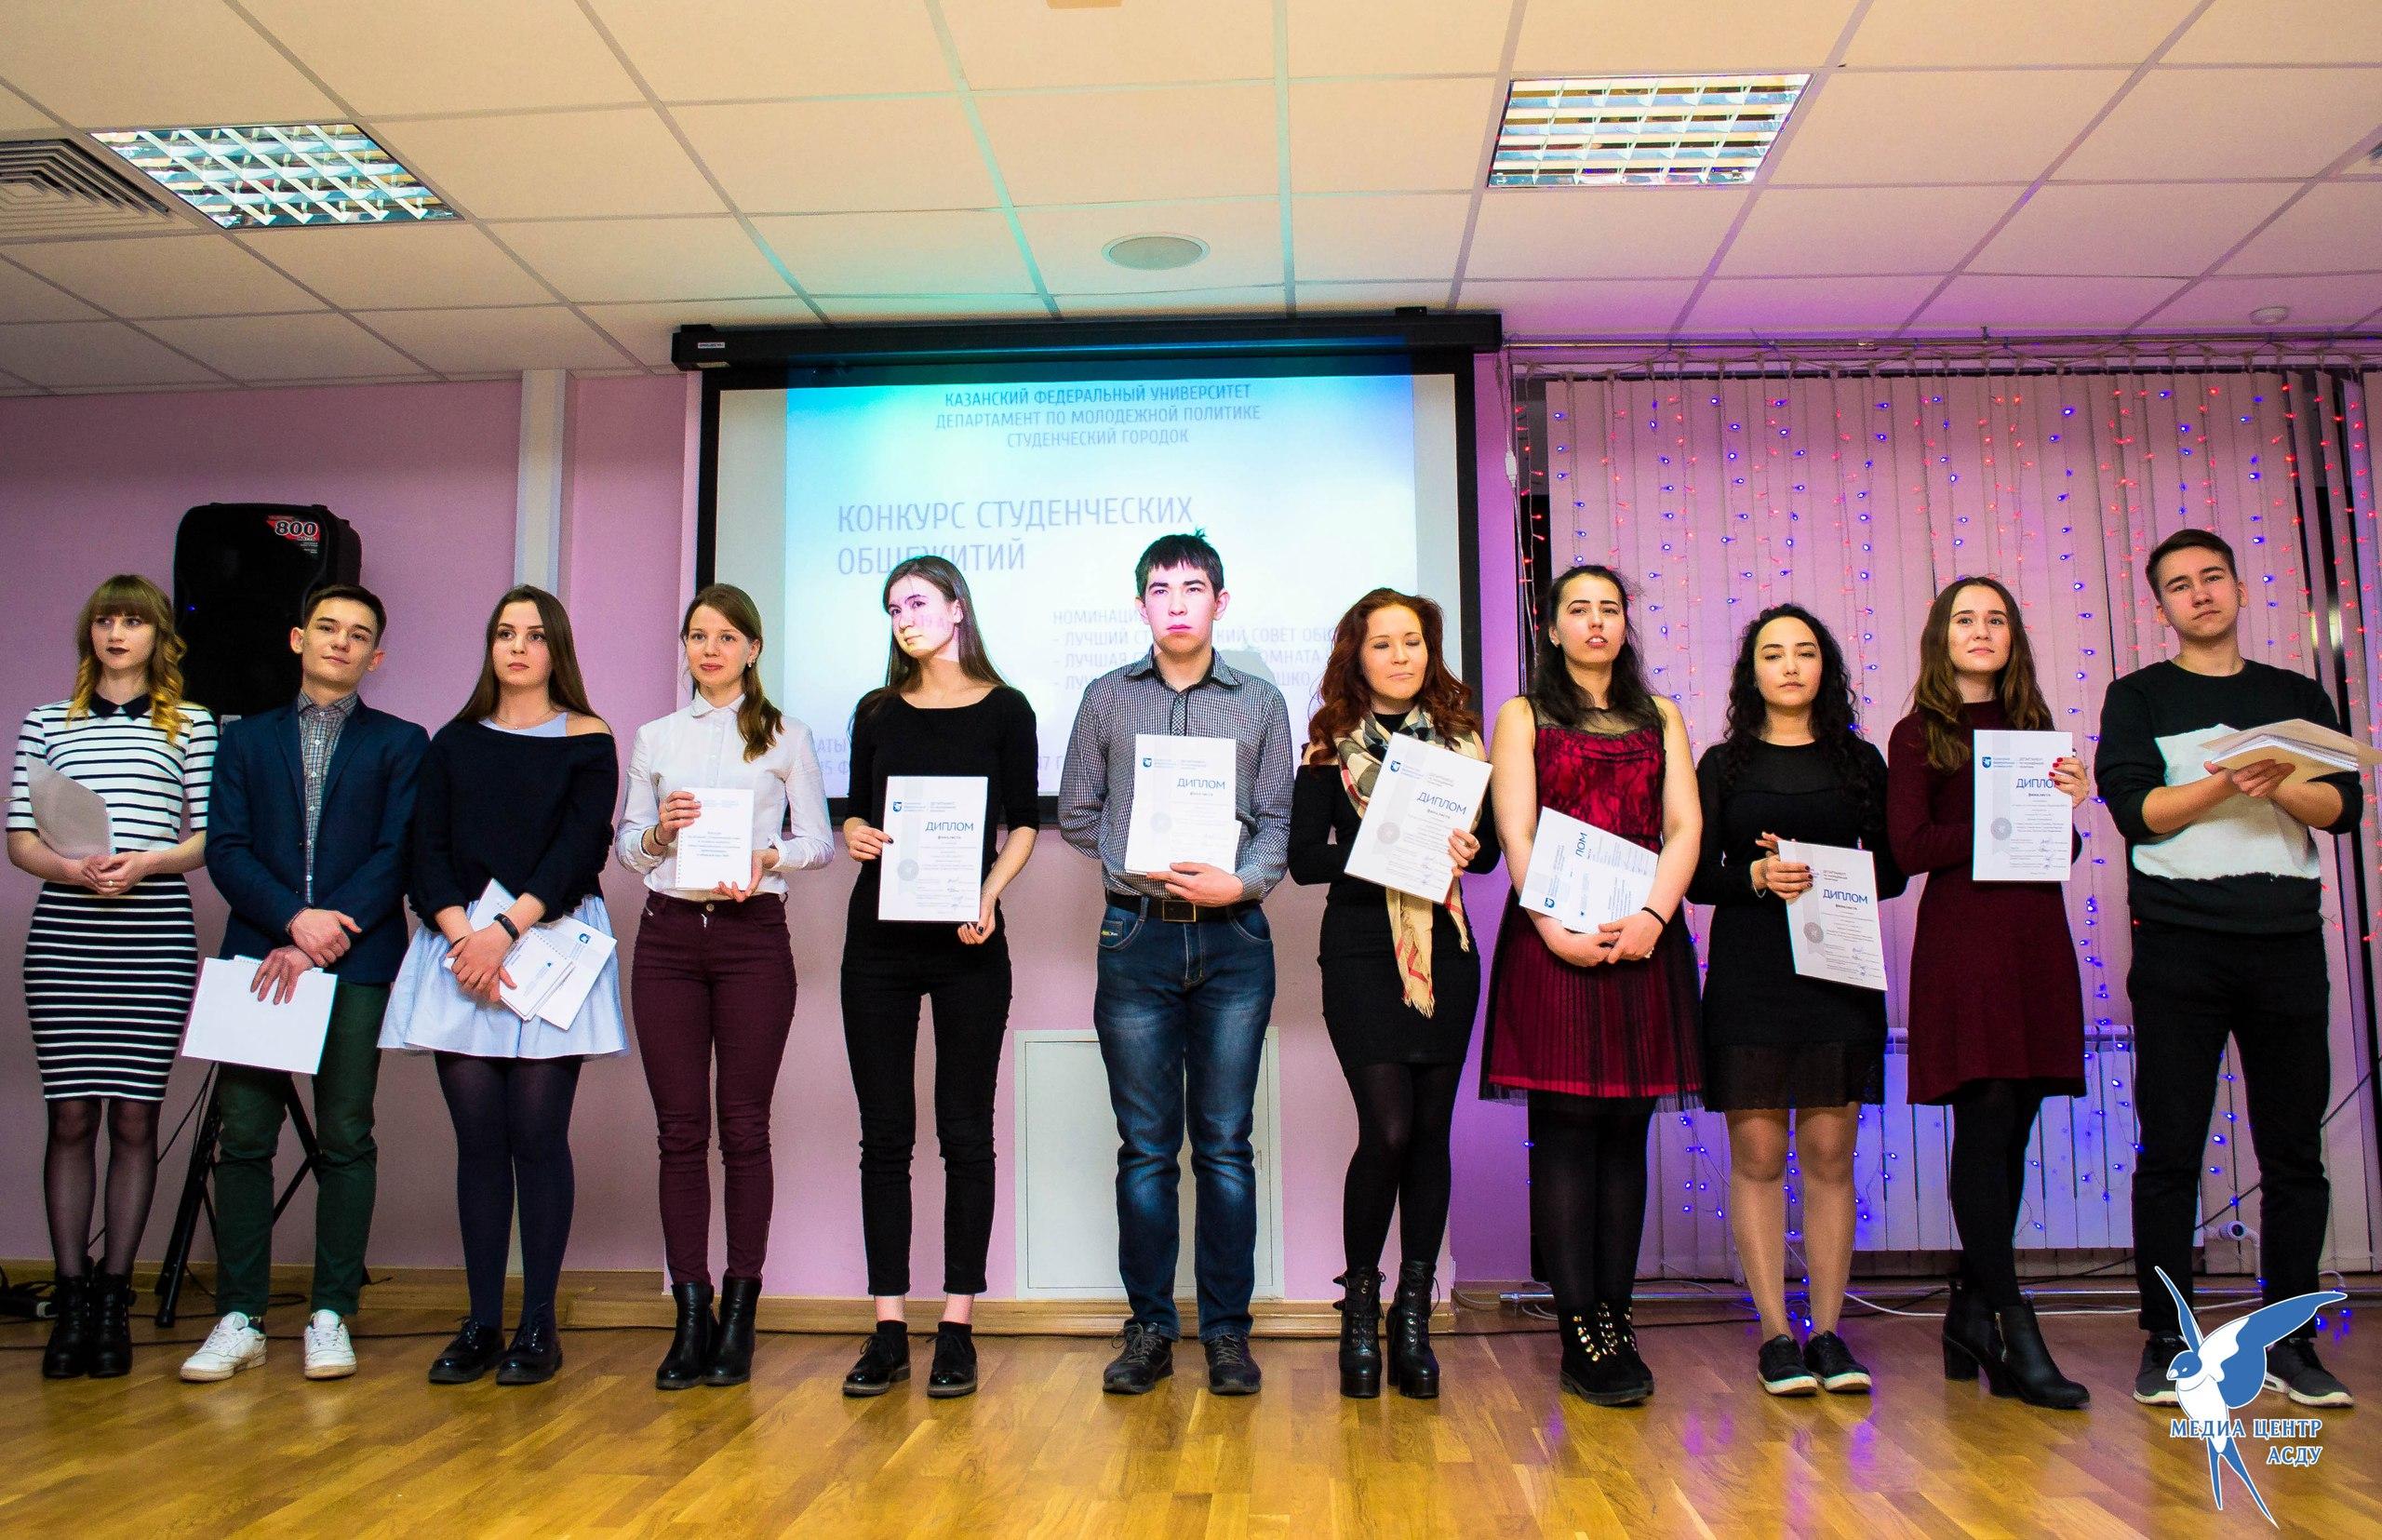 Конкурс крымский федеральный университет